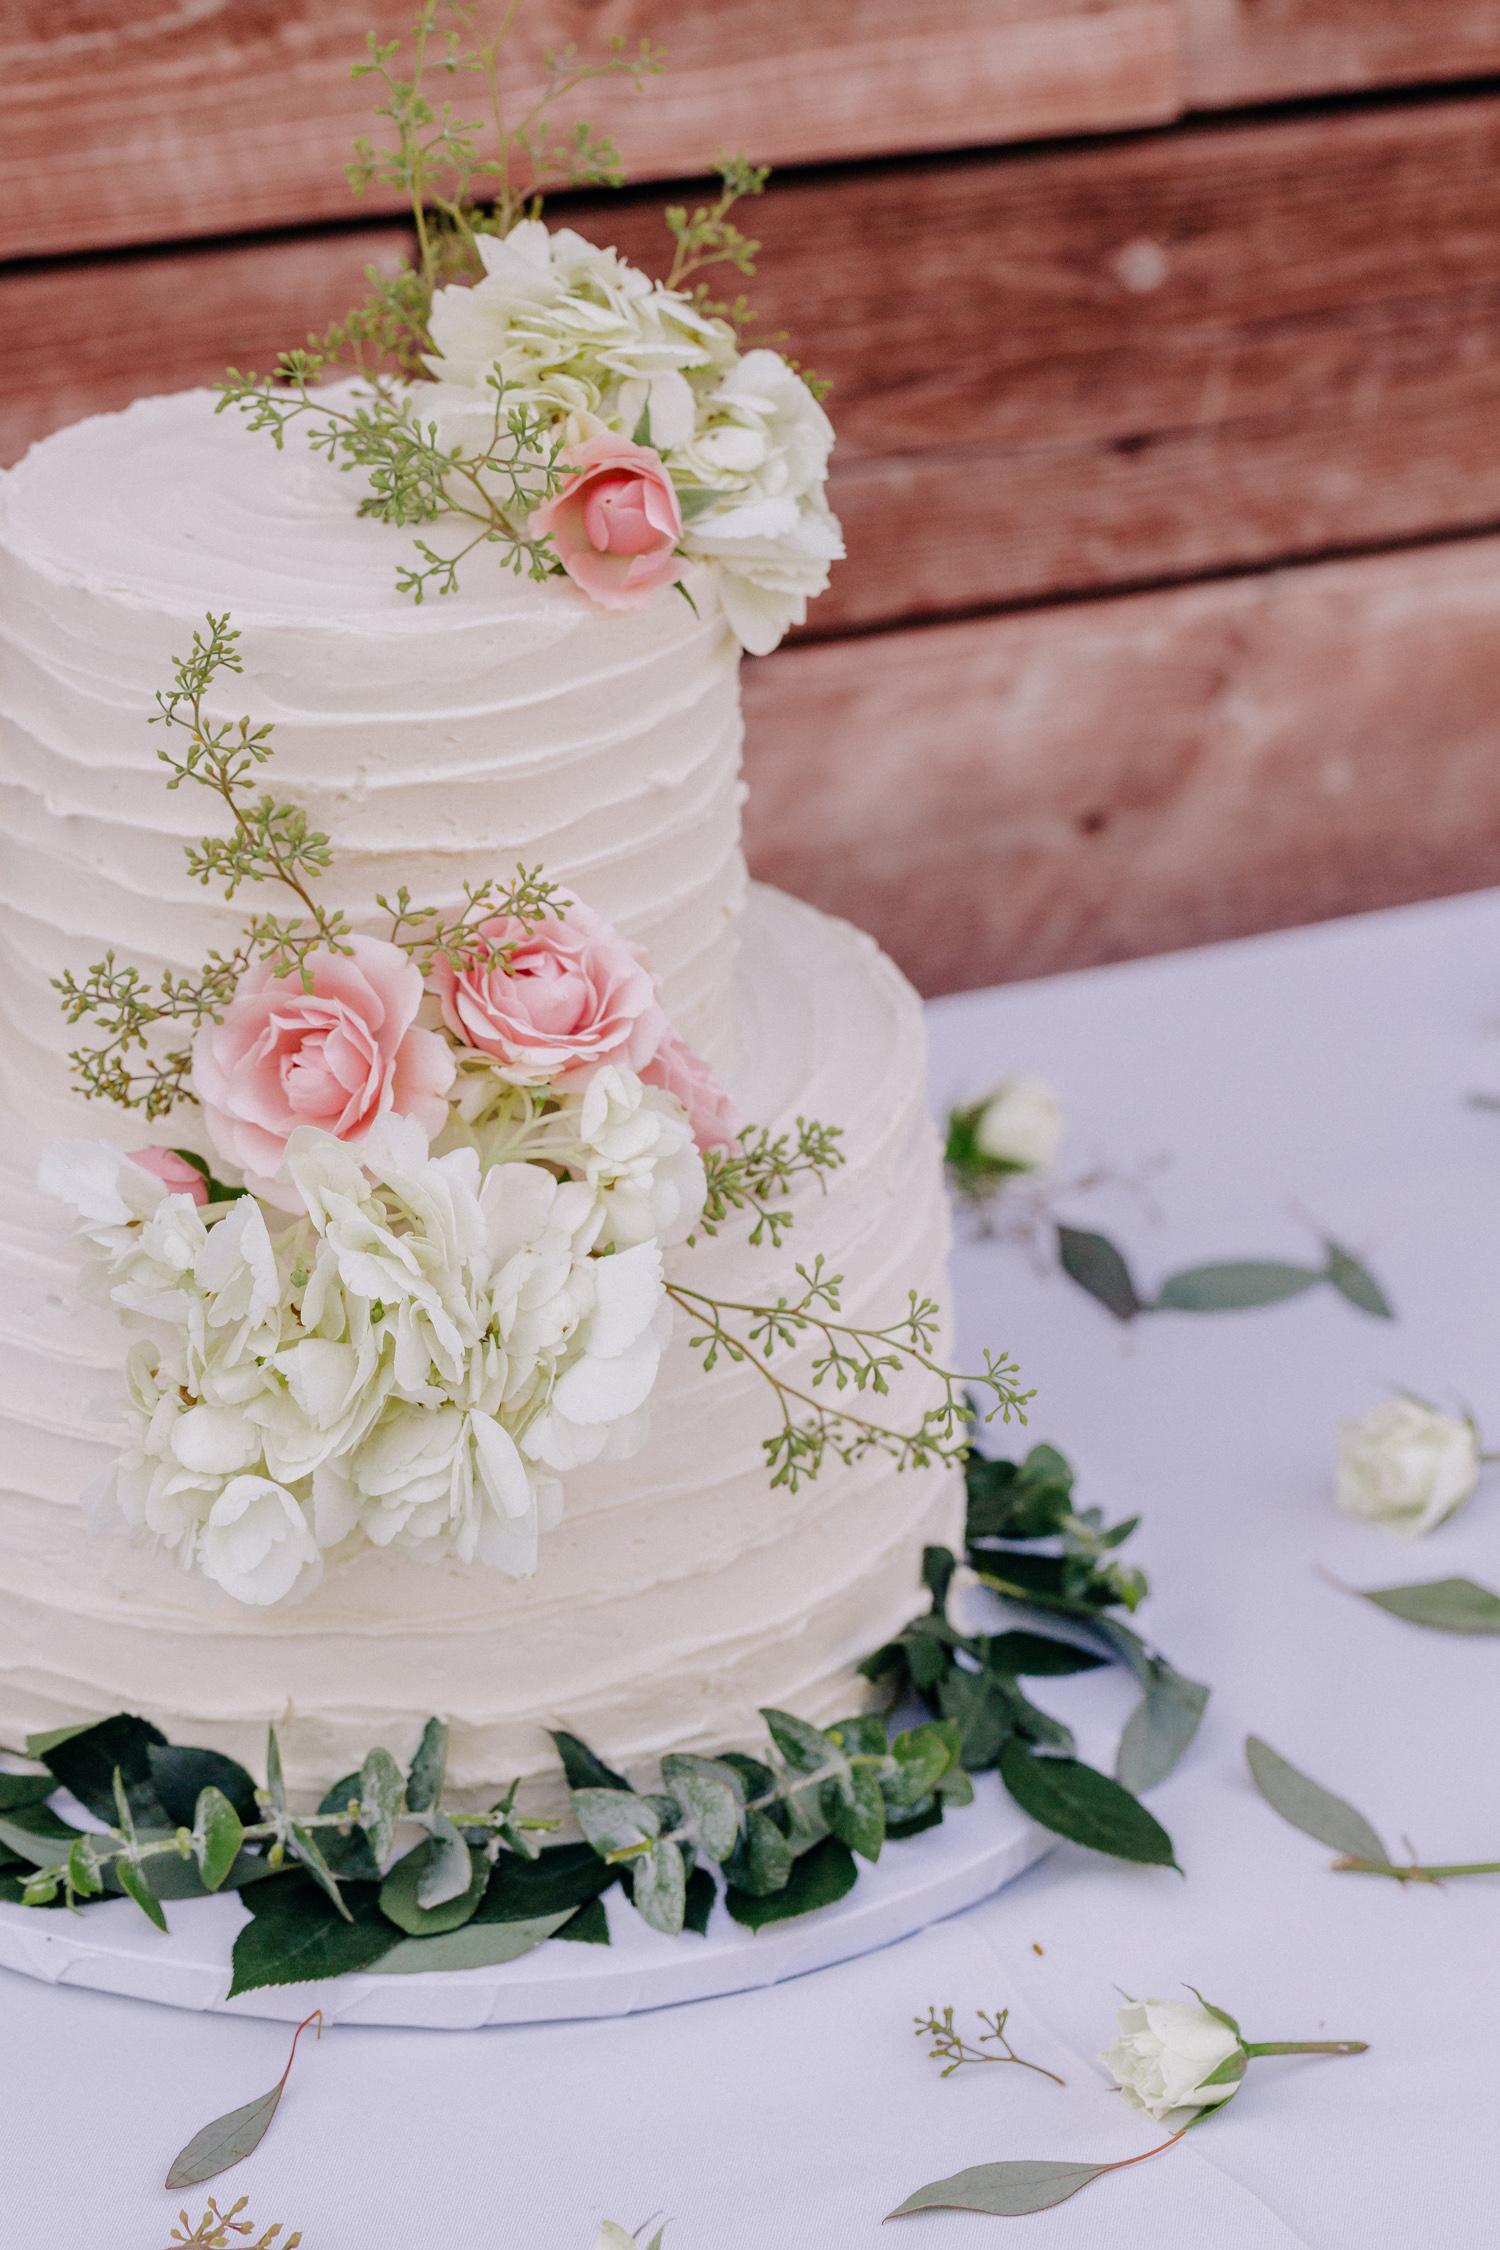 vegan-wedding-cake-los-angeles.jpg